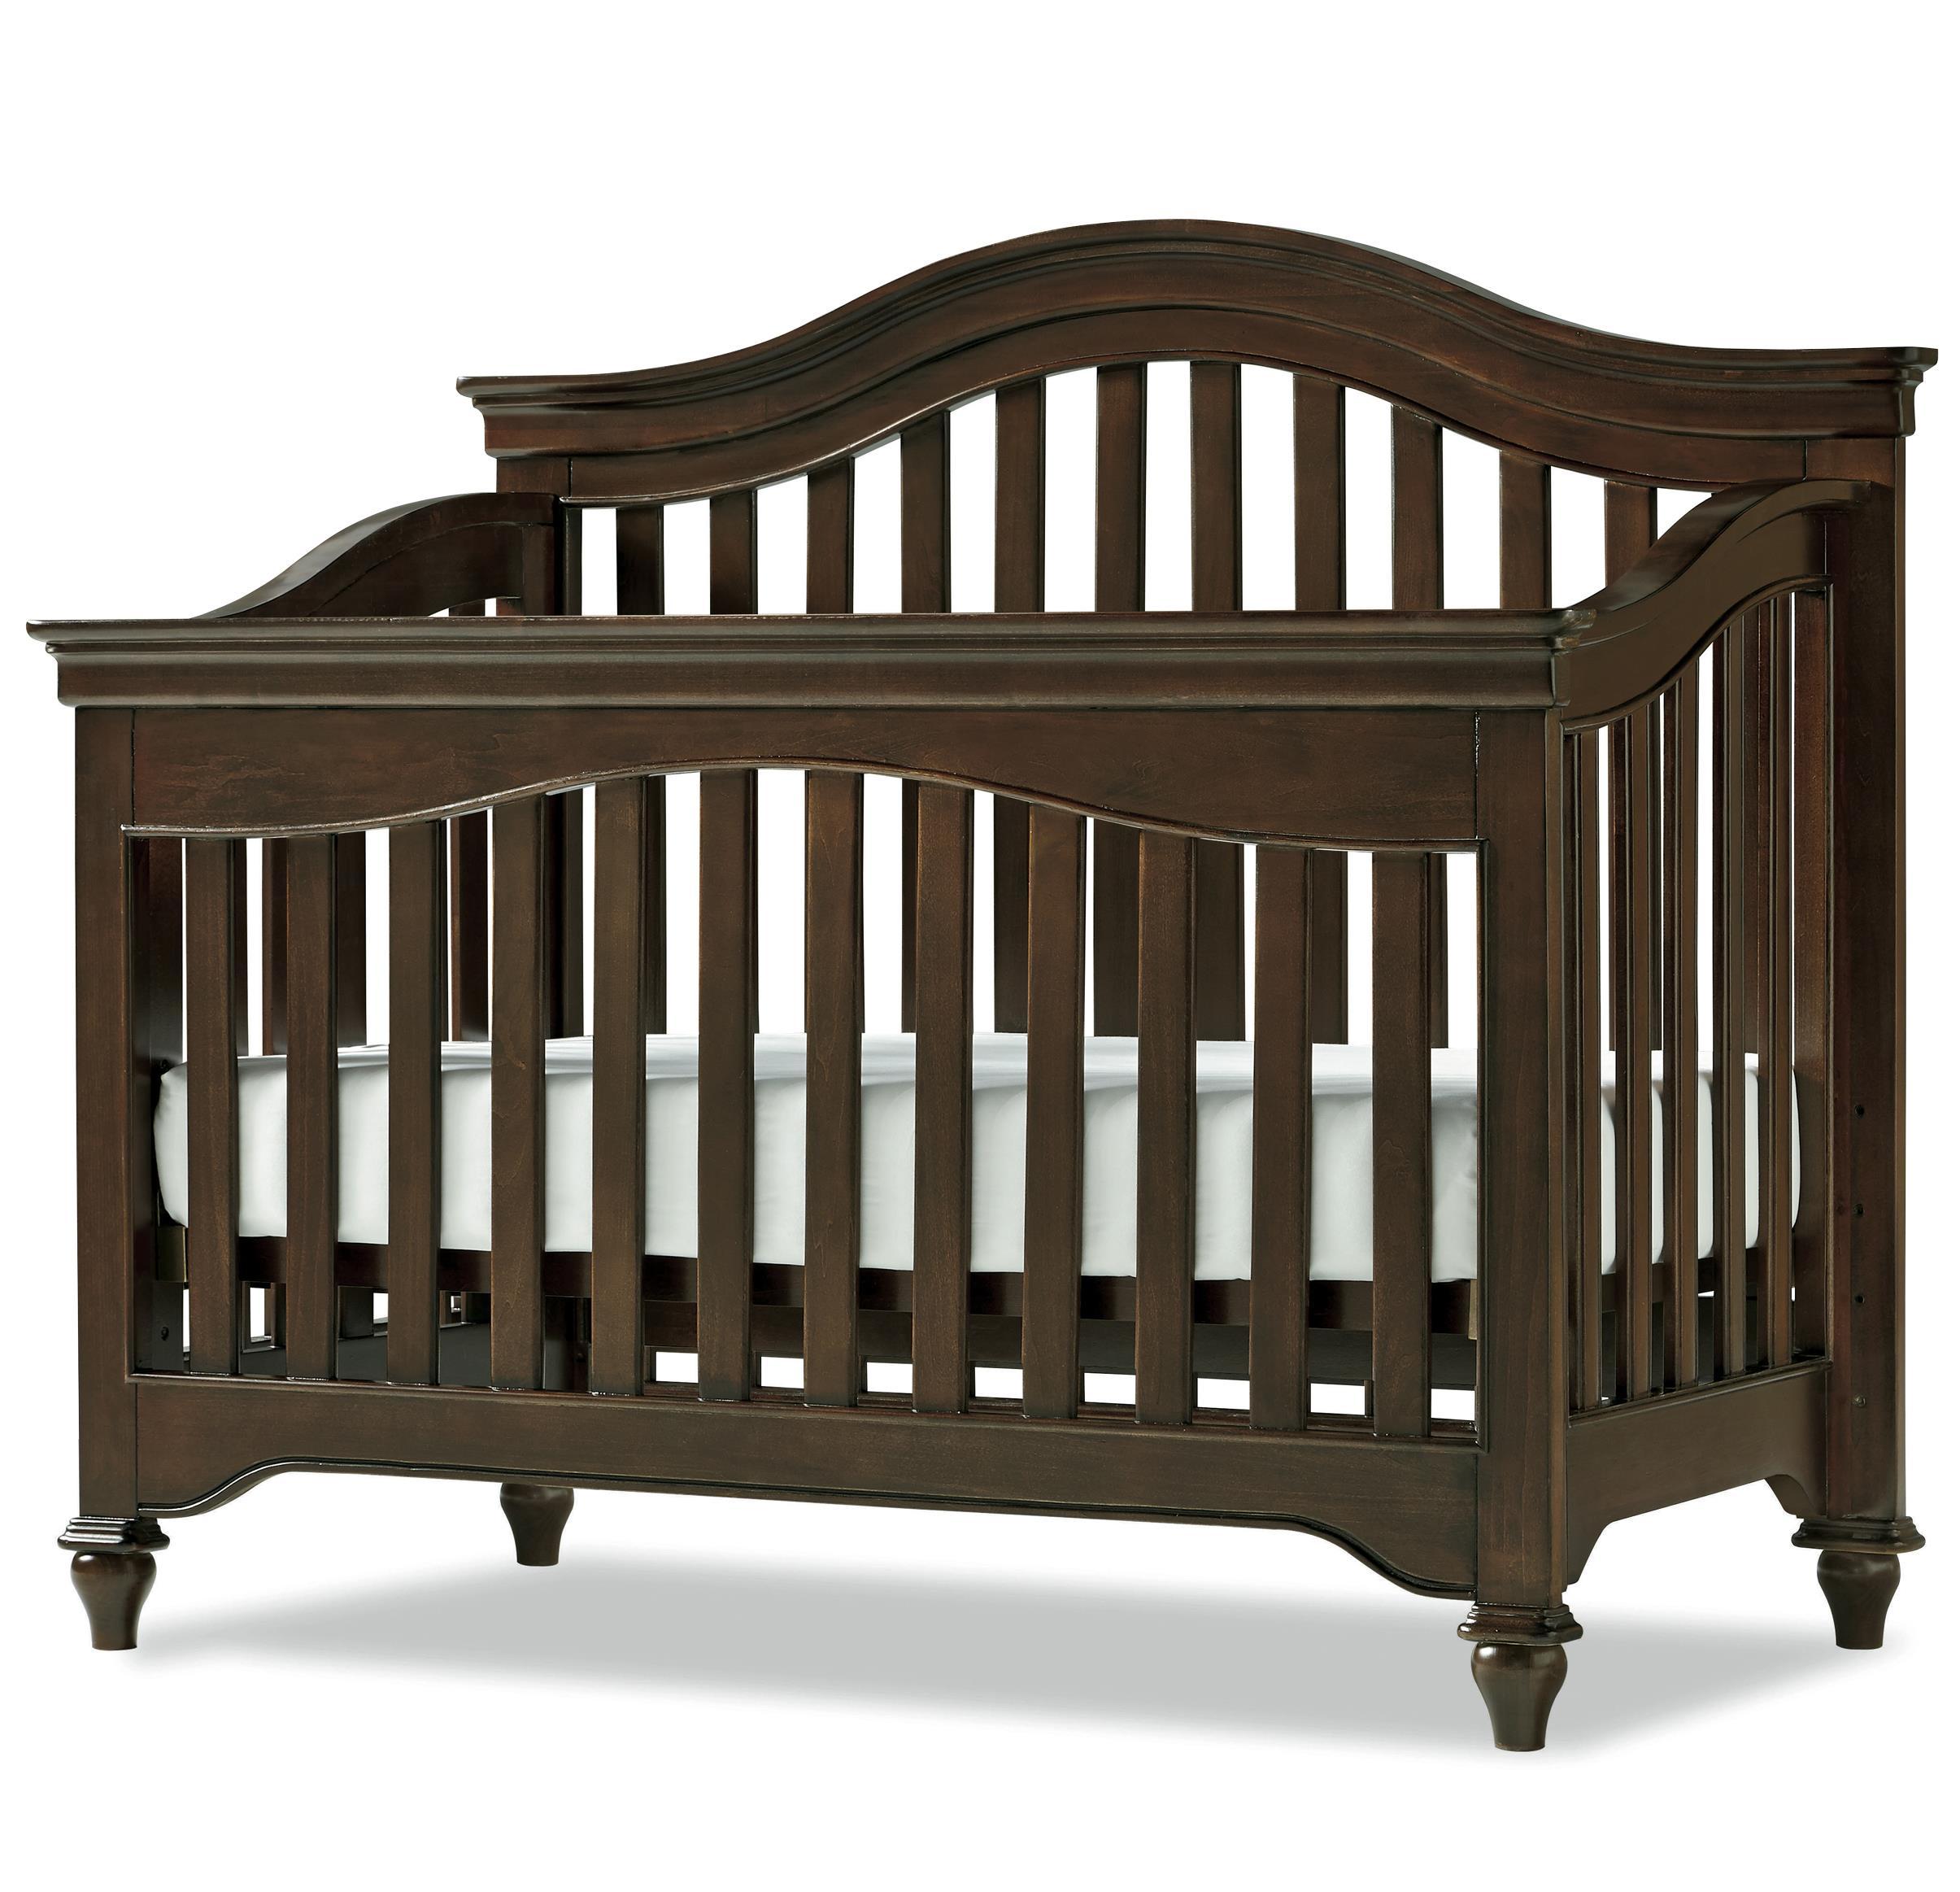 Smartstuff Classics 4.0 Convertible Crib - Item Number: 1312310